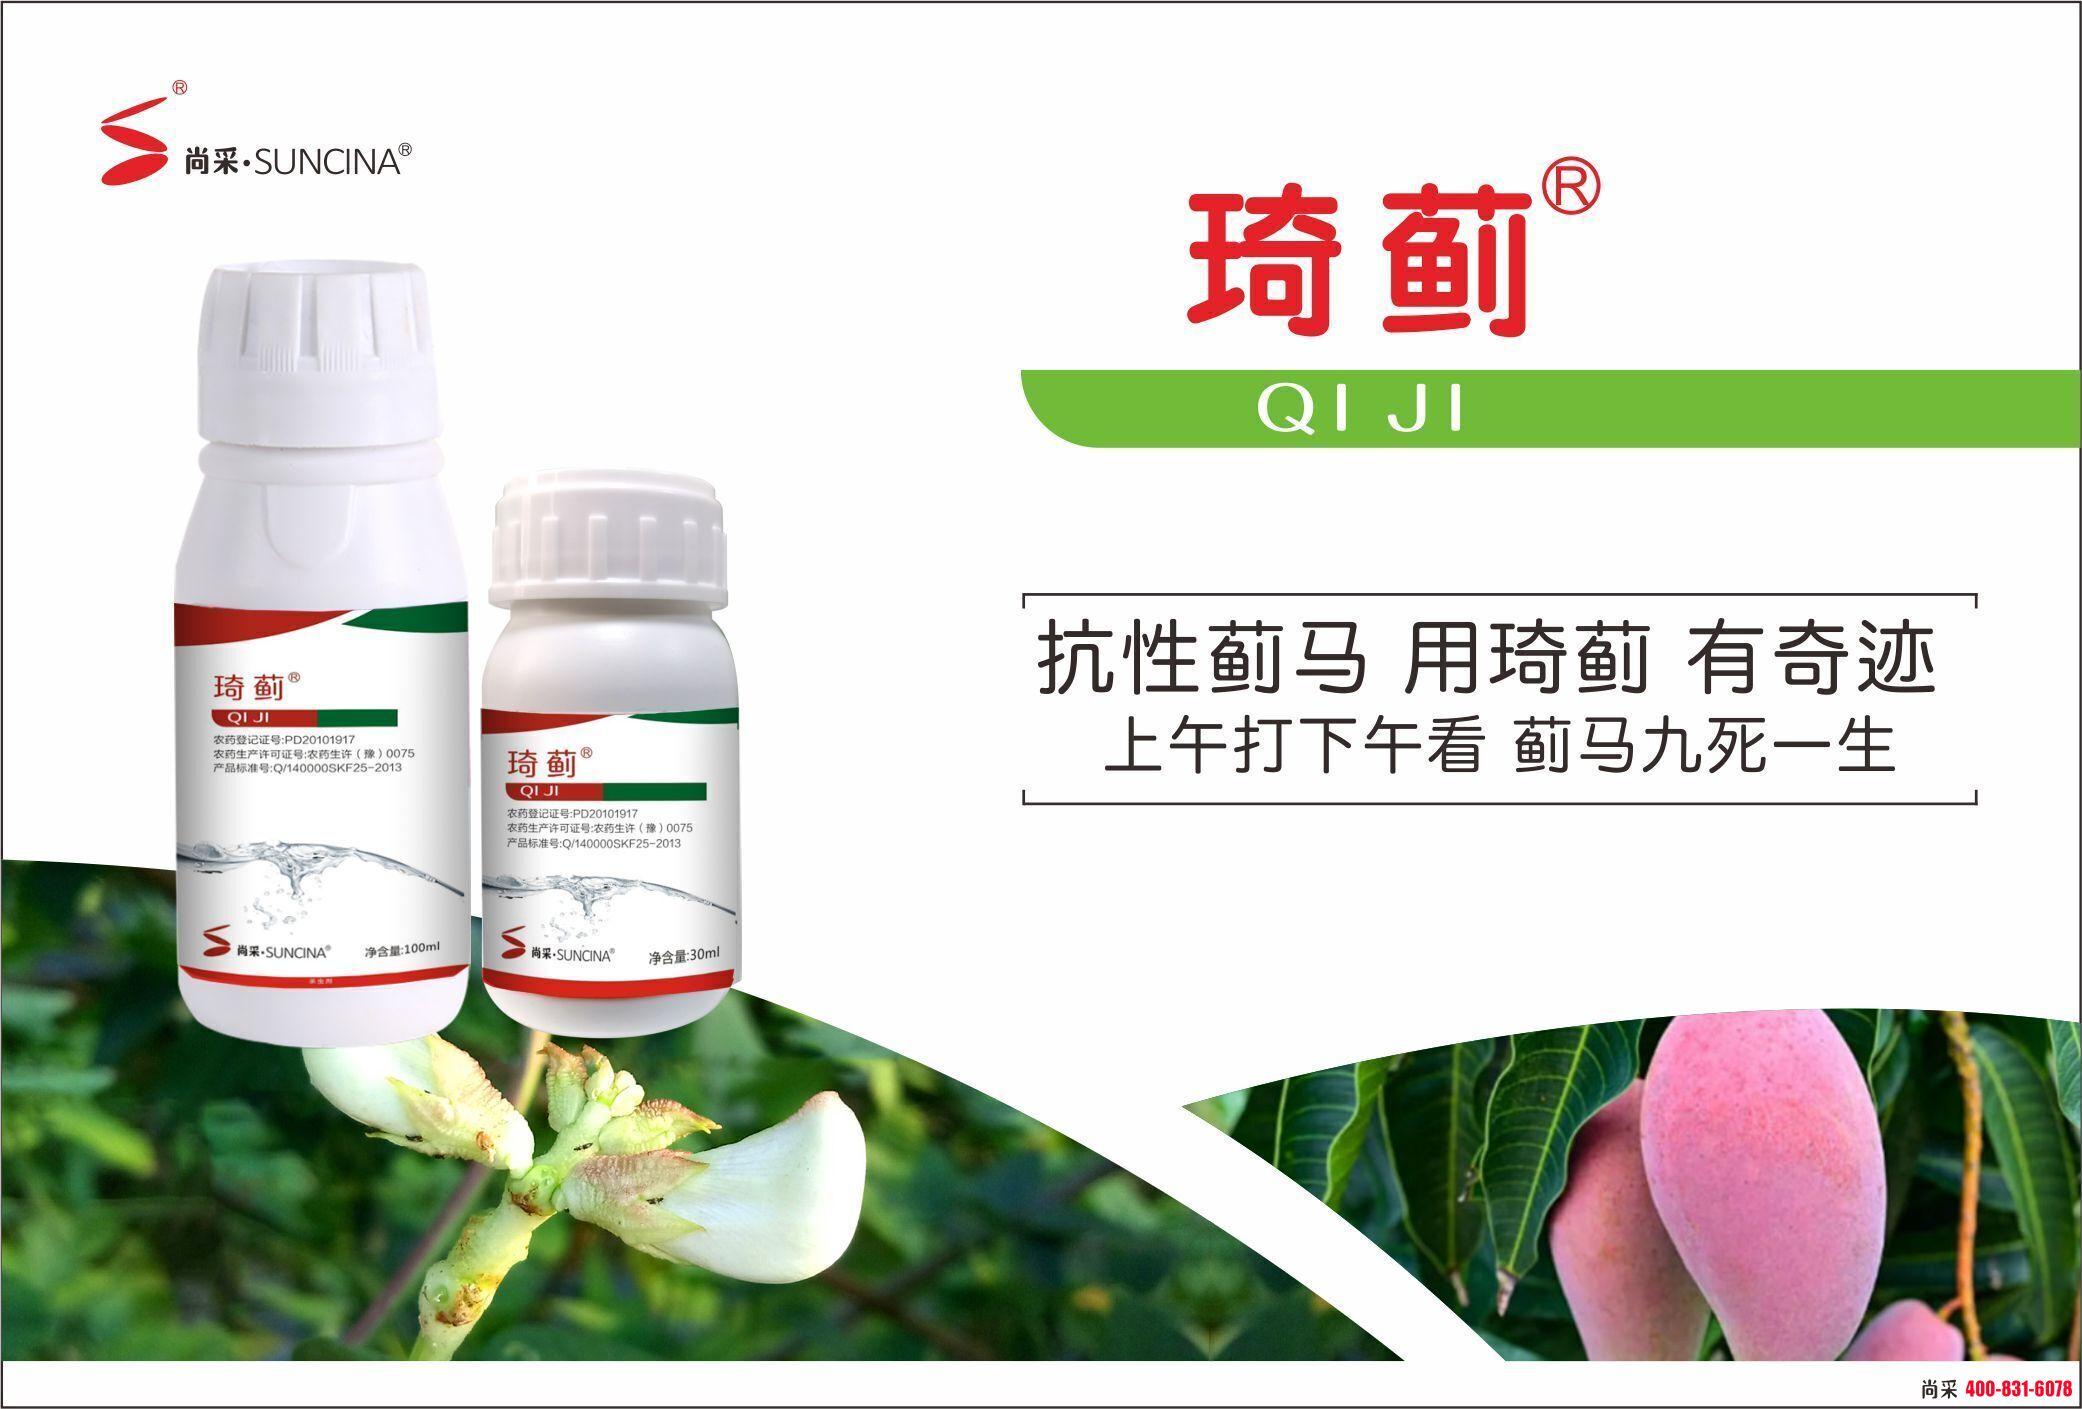 西瓜花期有蓟马怎么办建议选择琦蓟,仿生物制剂,更安全绿色高效,专门针对抗性蓟马防治。